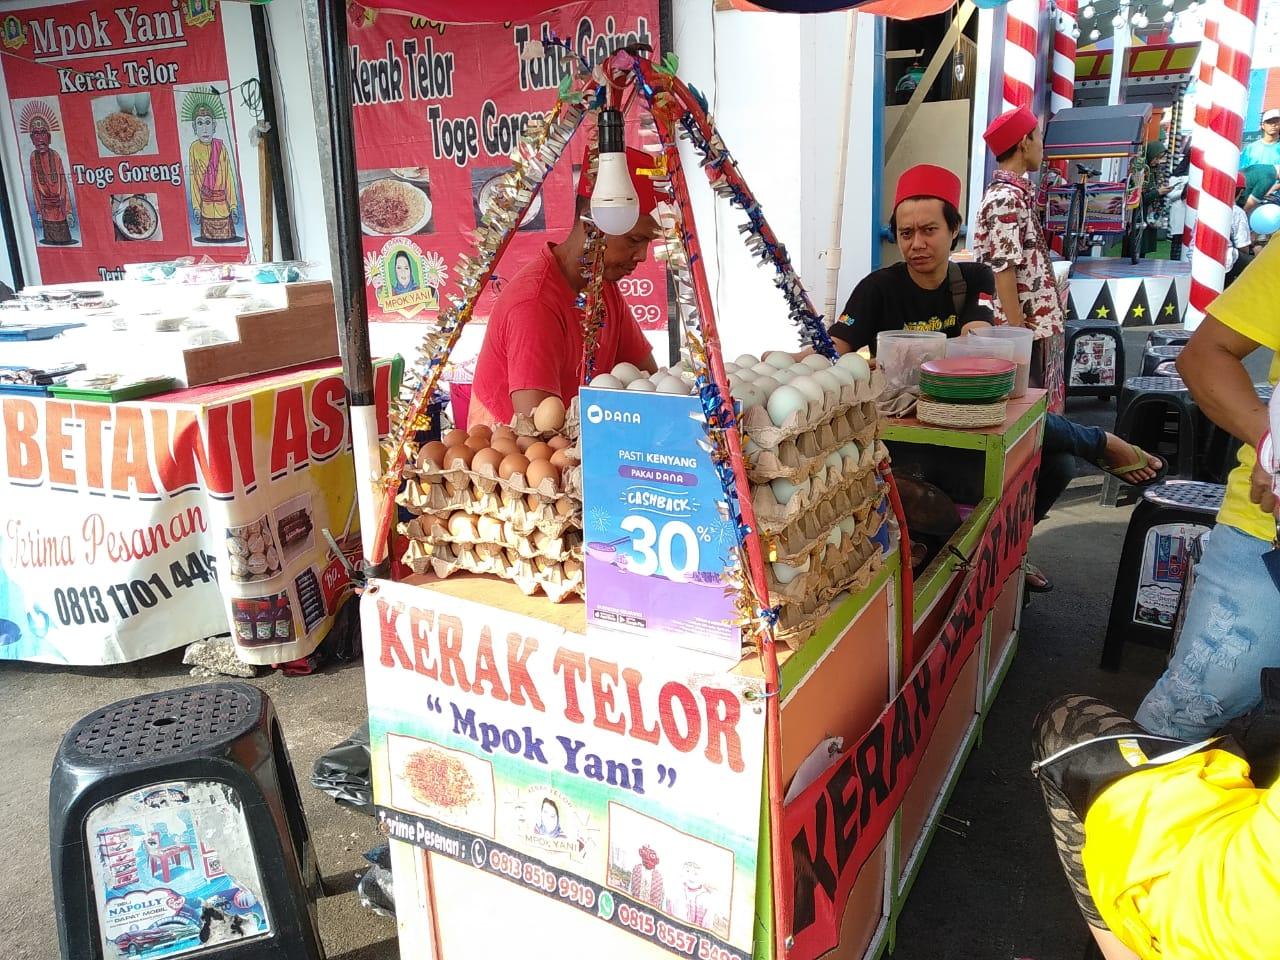 Kerak telor bisa kita temui di Jakarta Fair